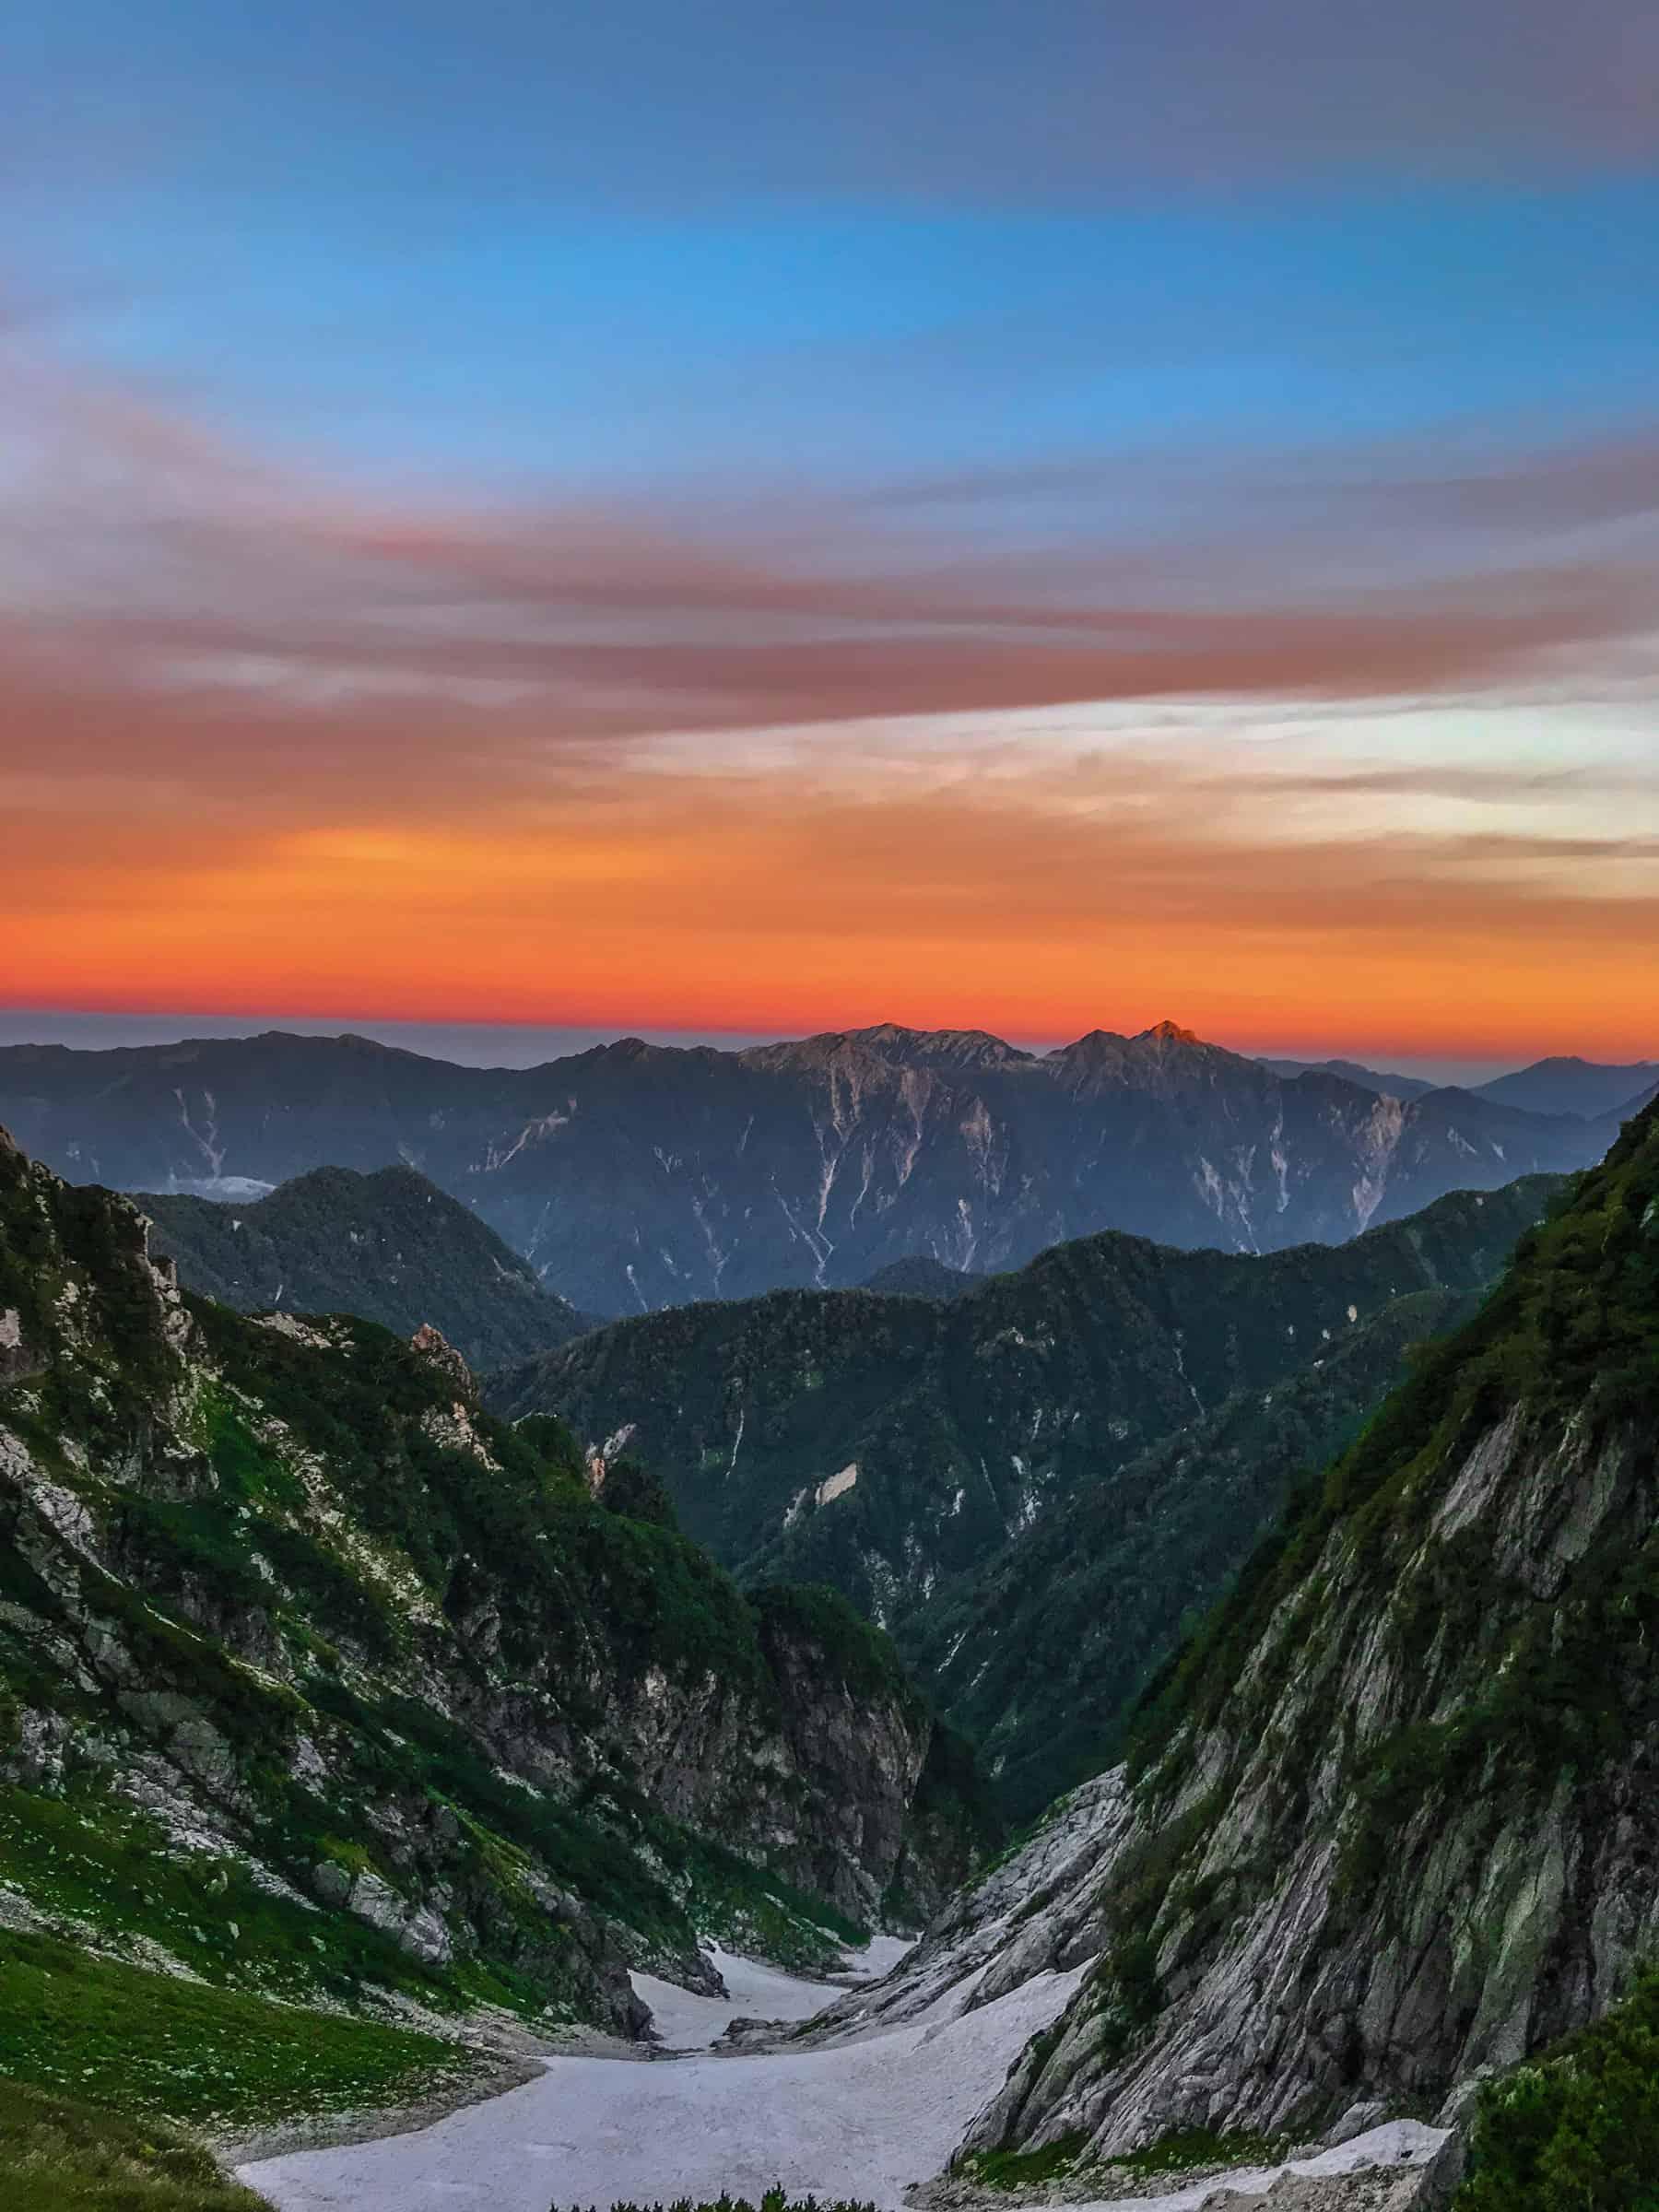 Field Report: Mount Tsurugi IMG_0948